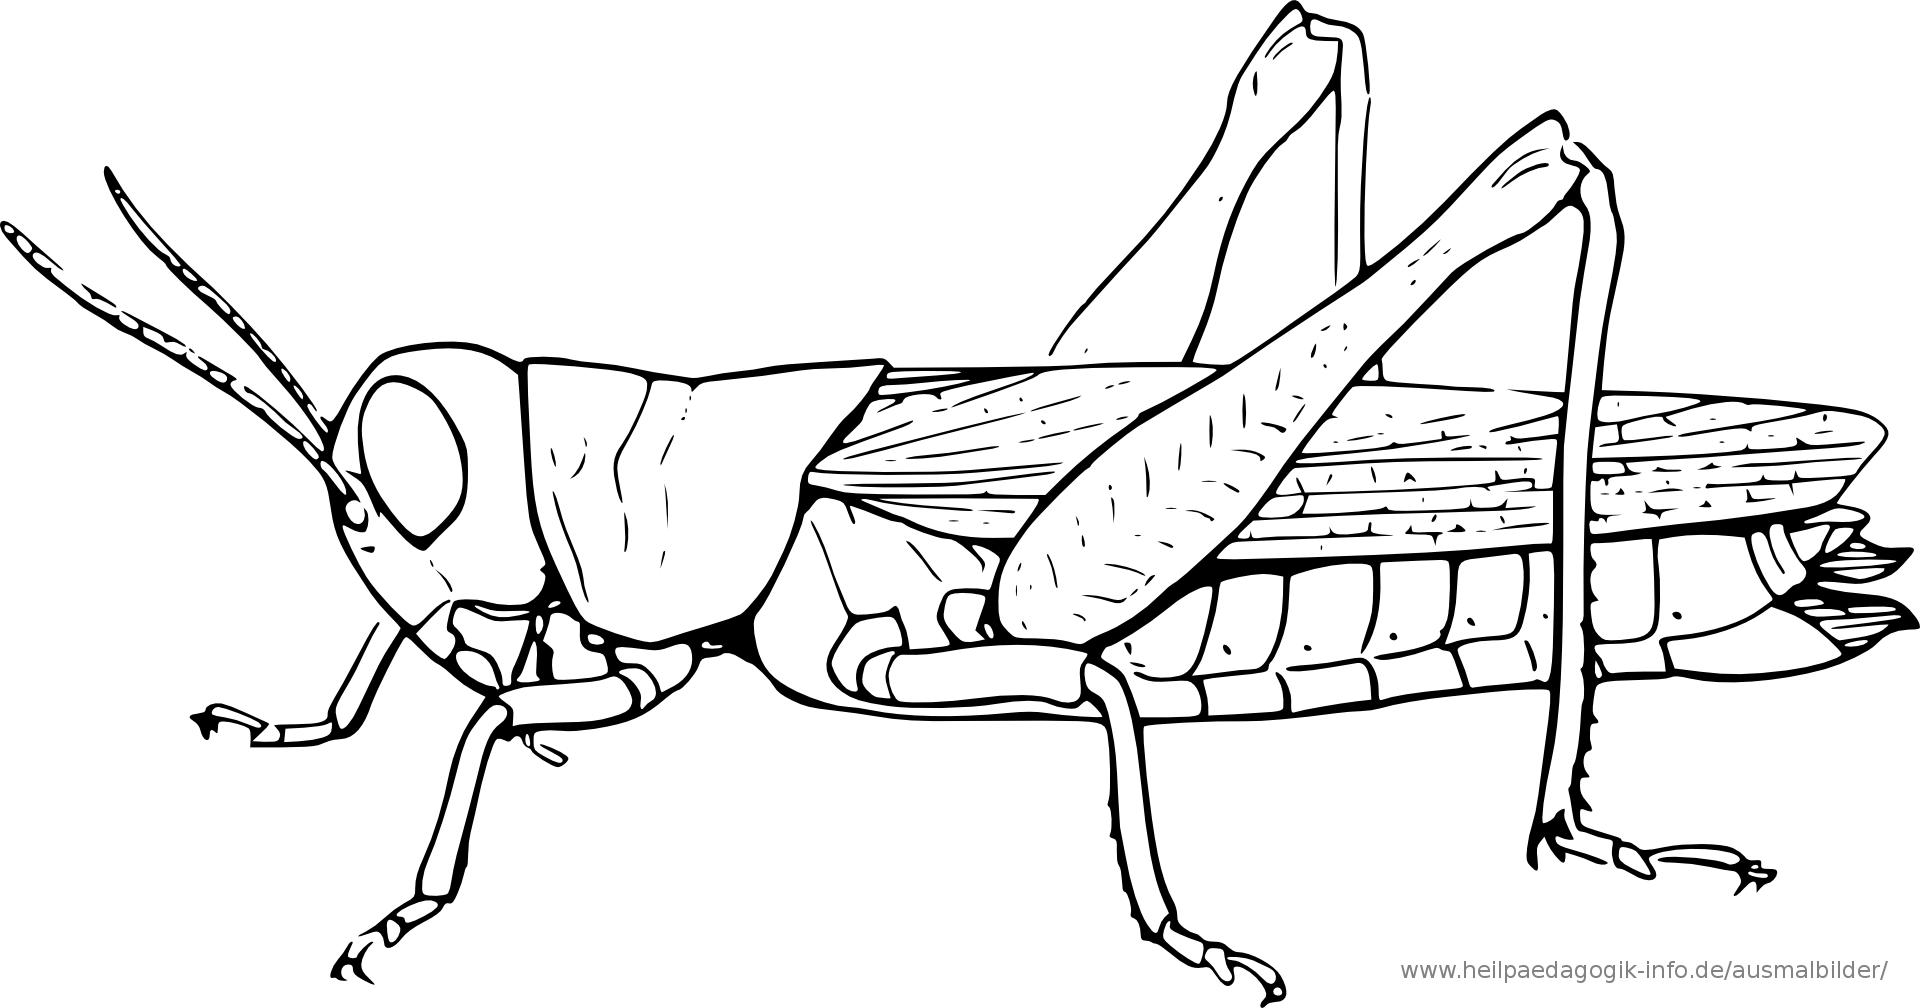 ausmalbilder insekten | ausmalbilder | Pinterest | Insekten ...